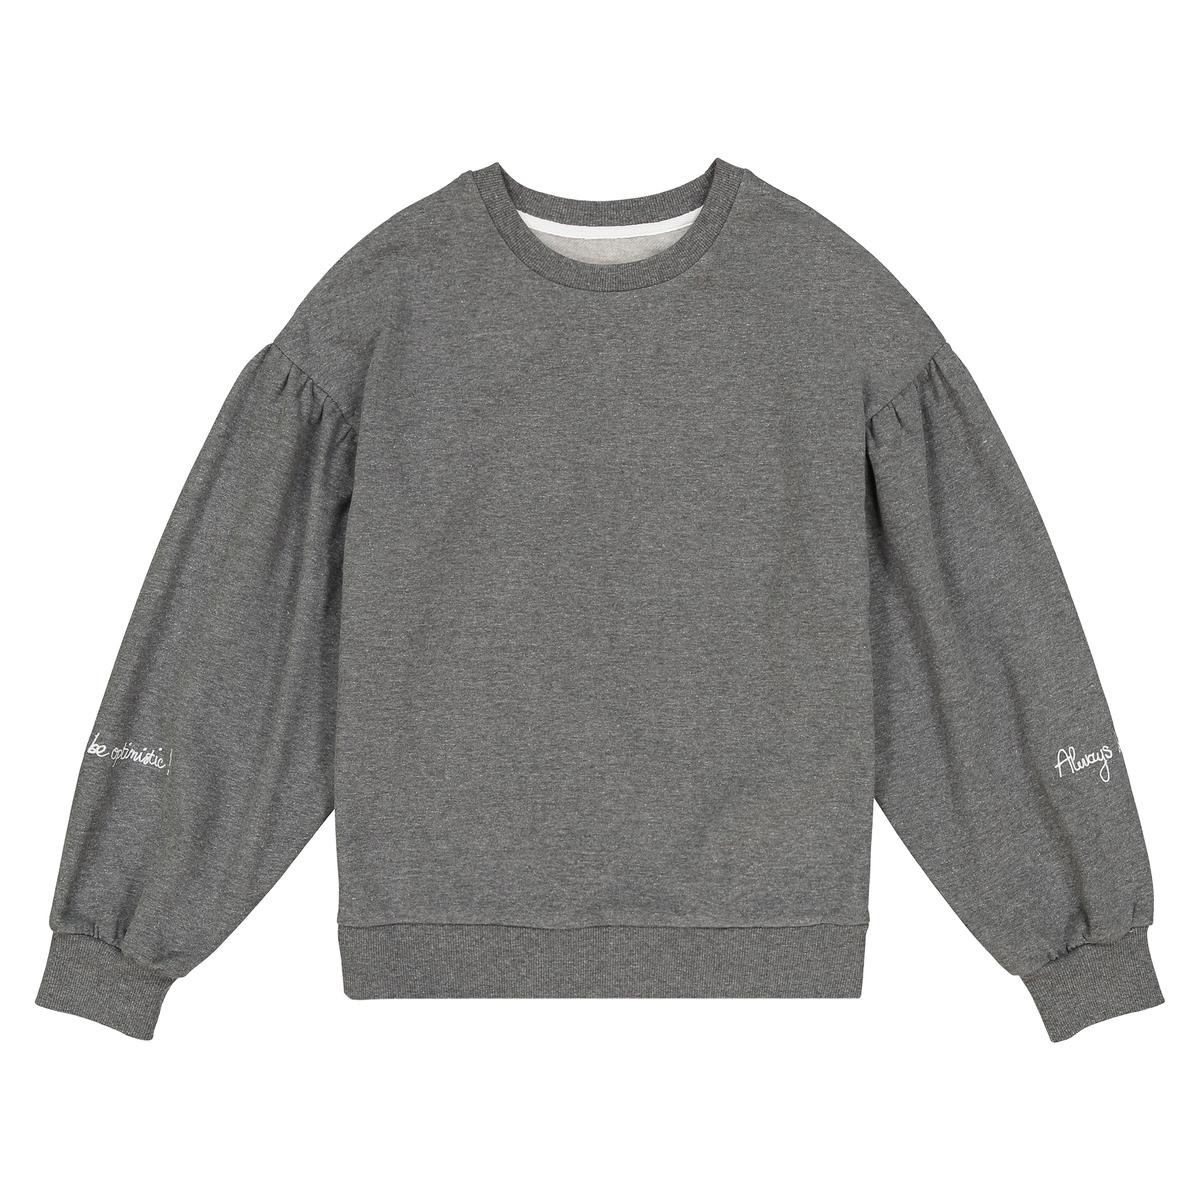 Sweat com mangas franzidas bordadas, 10-16 anos